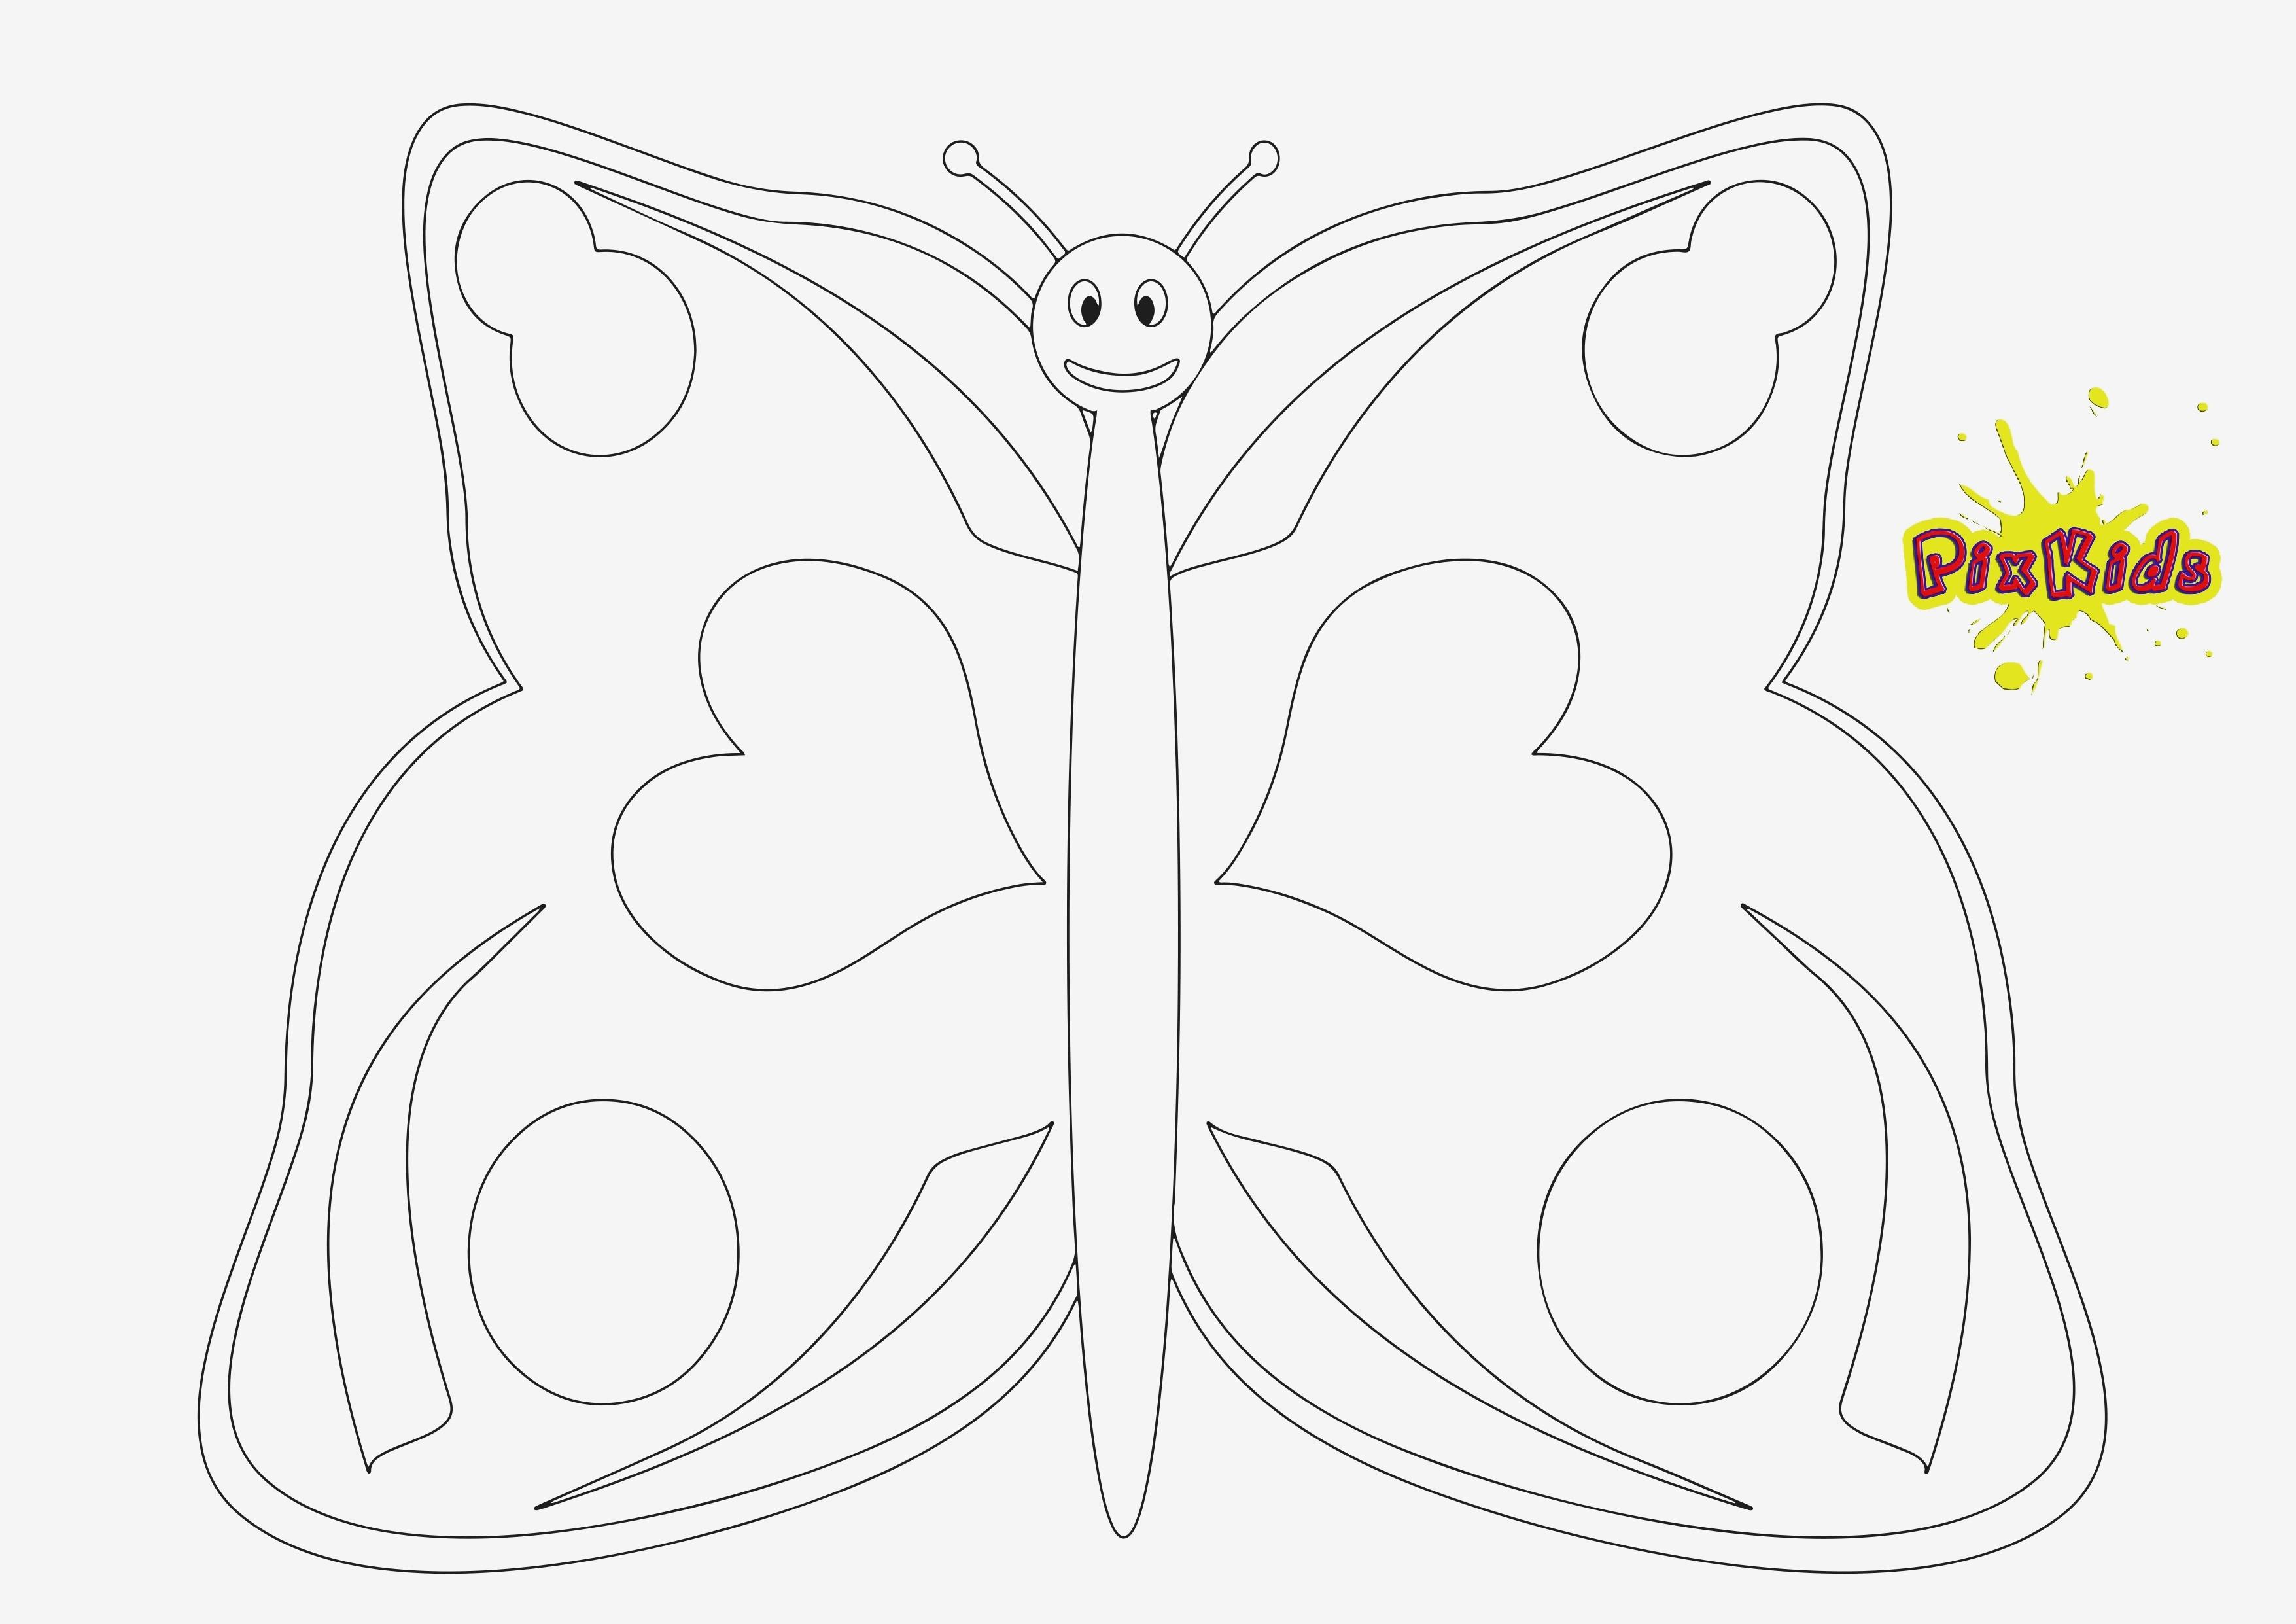 Ausmalbilder Schmetterling Mit Blume Das Beste Von Bilder Zum Ausmalen Bekommen Malvorlagen Schmetterling Kostenlos Fotografieren